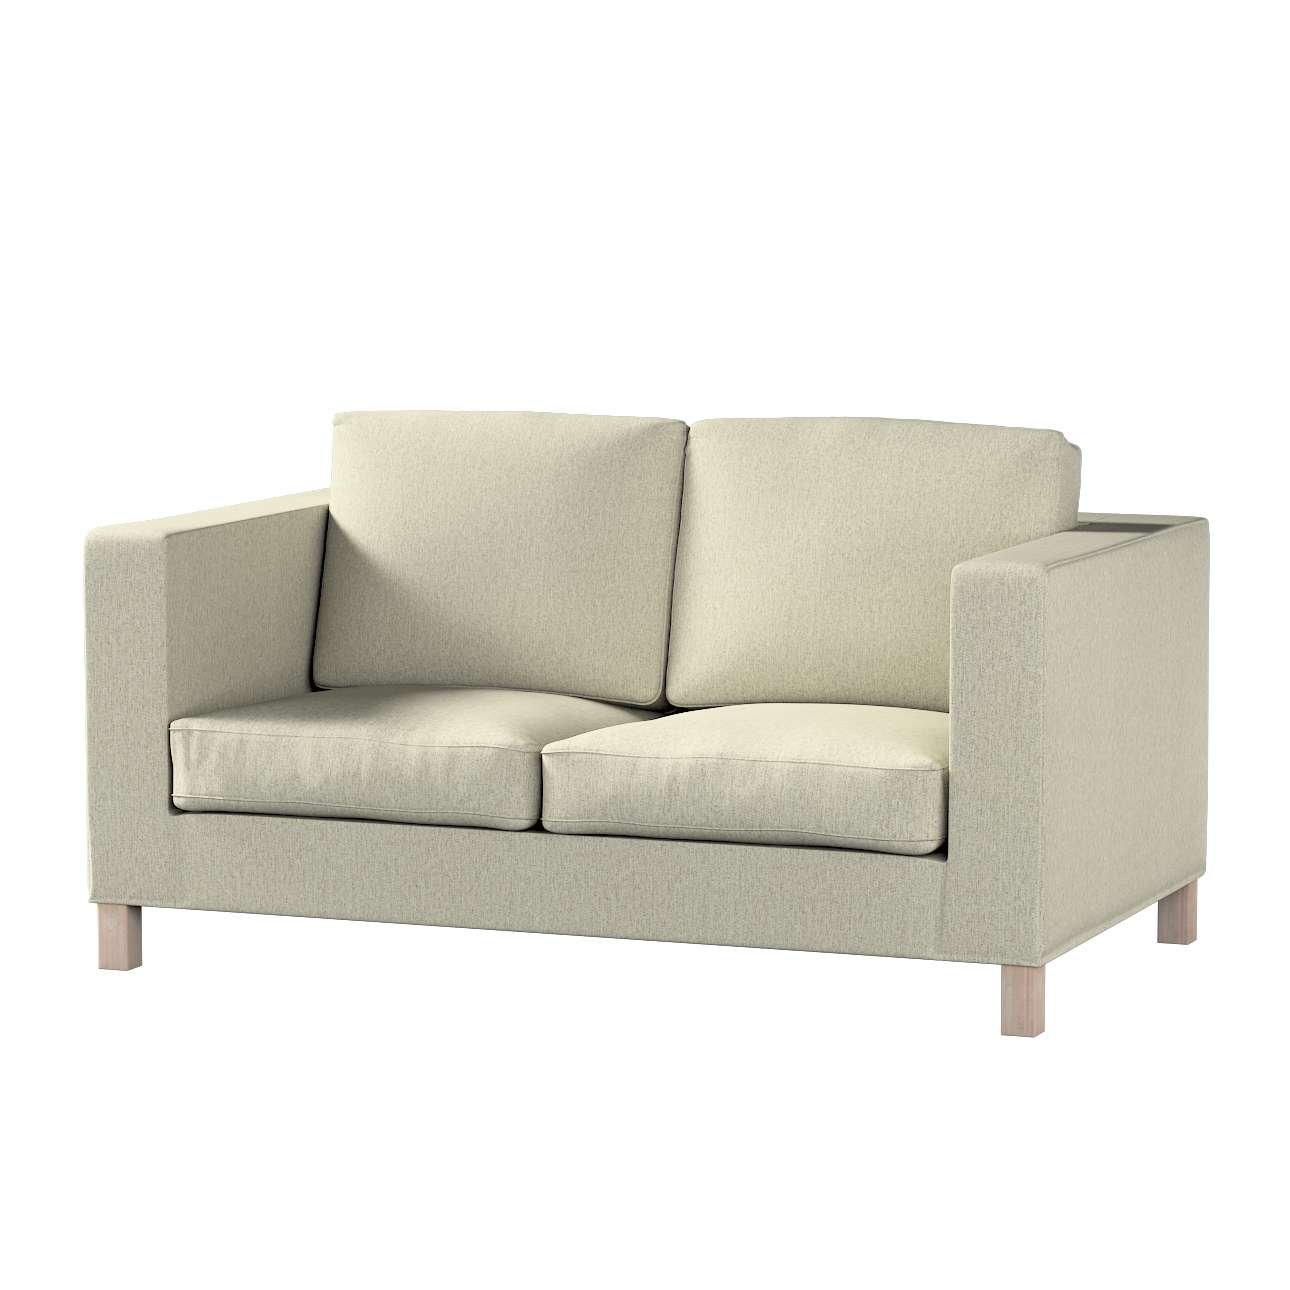 Karlanda klädsel<br>2-sits soffa - kort klädsel i kollektionen Living, Tyg: 161-62